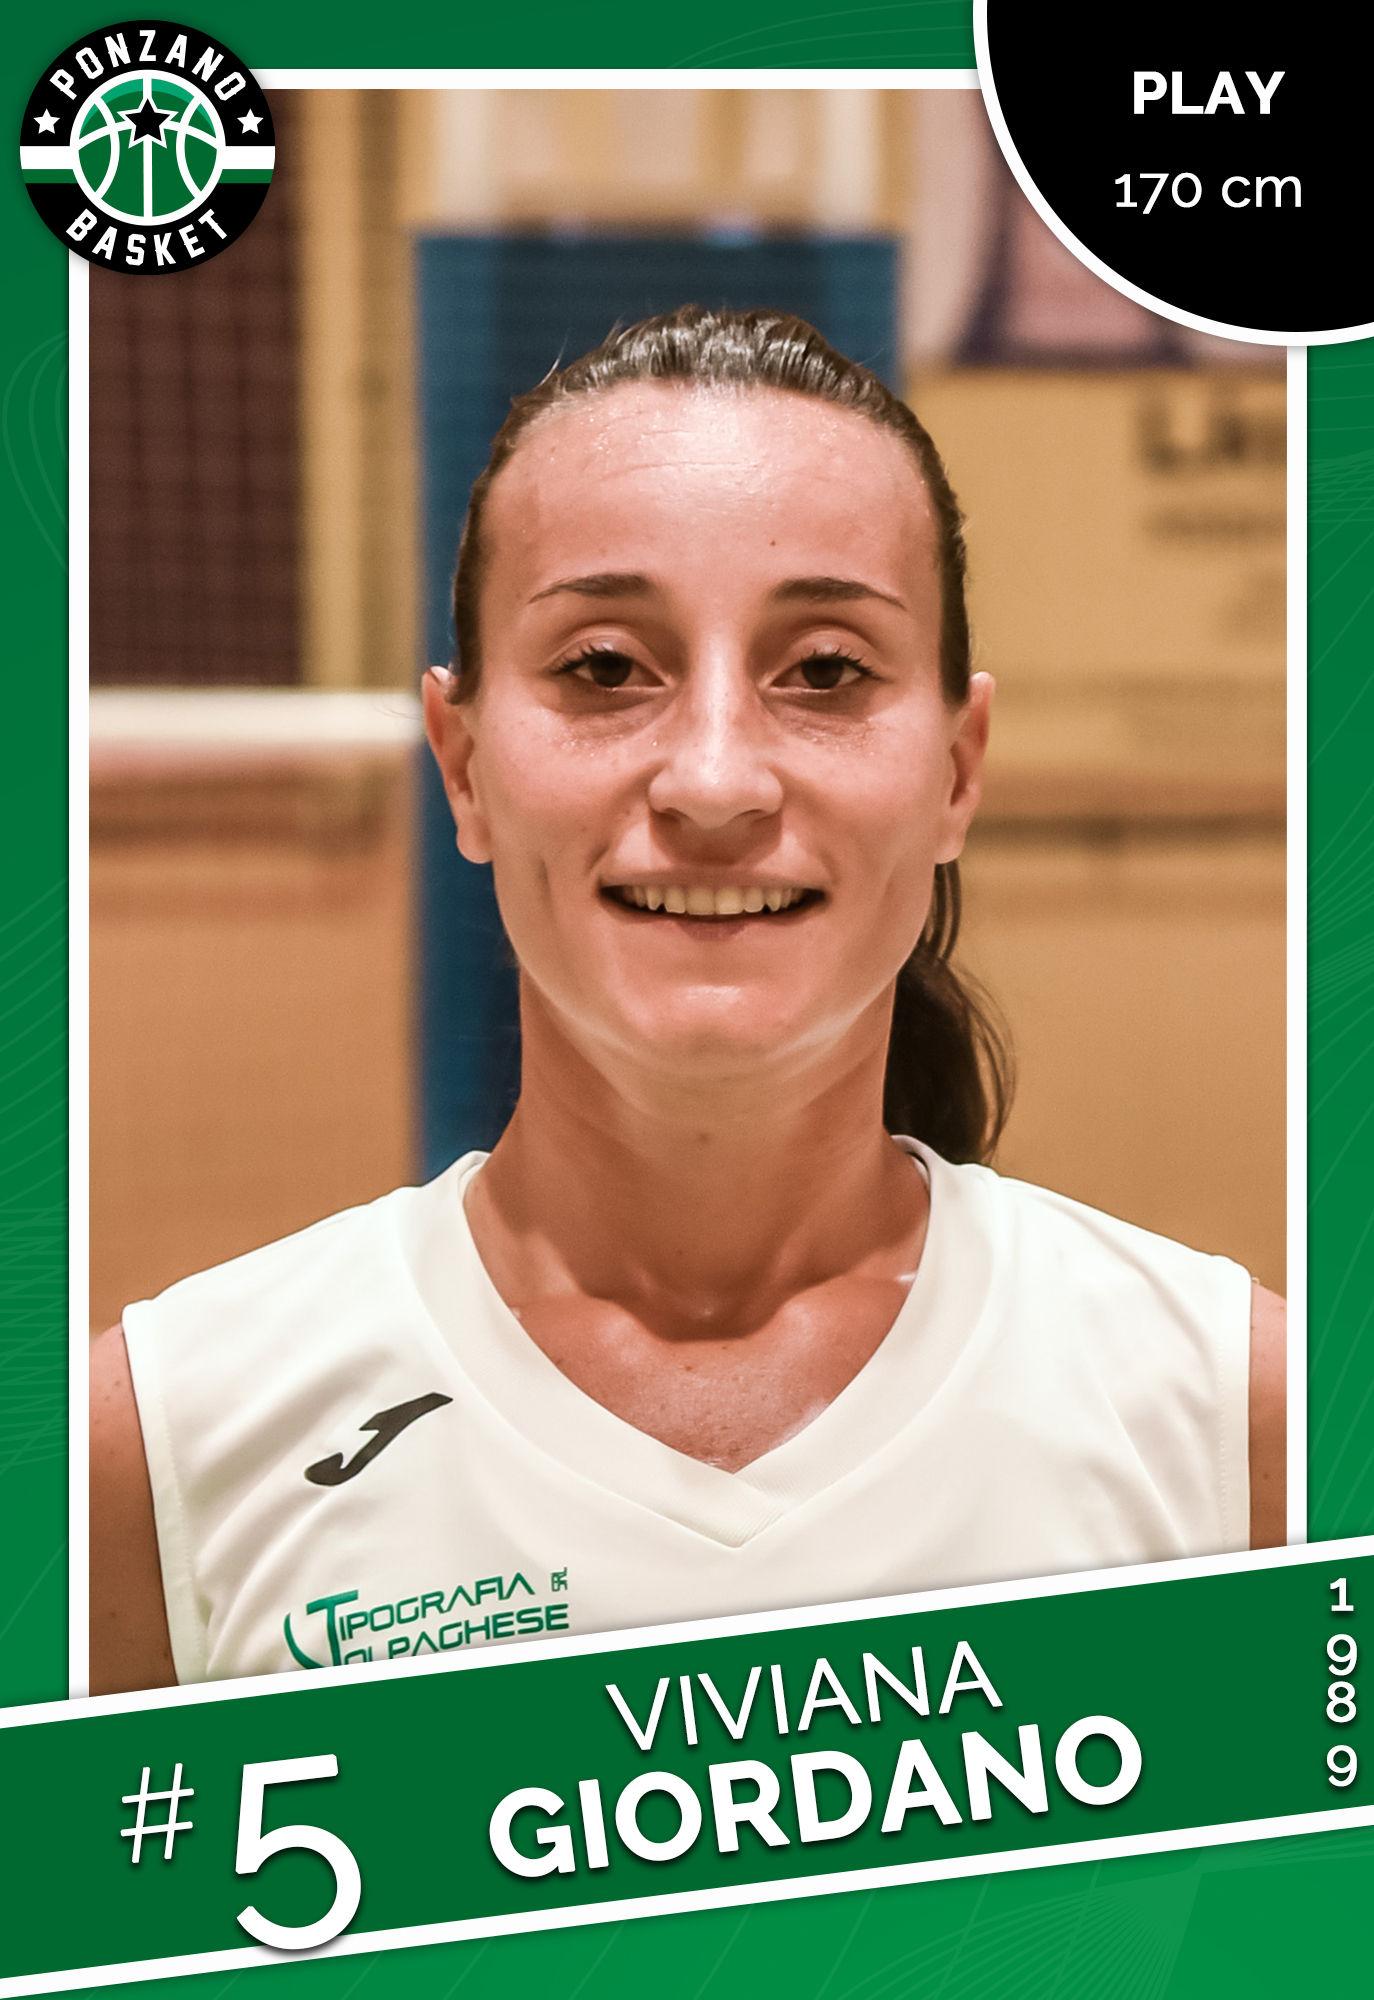 Viviana Giordano